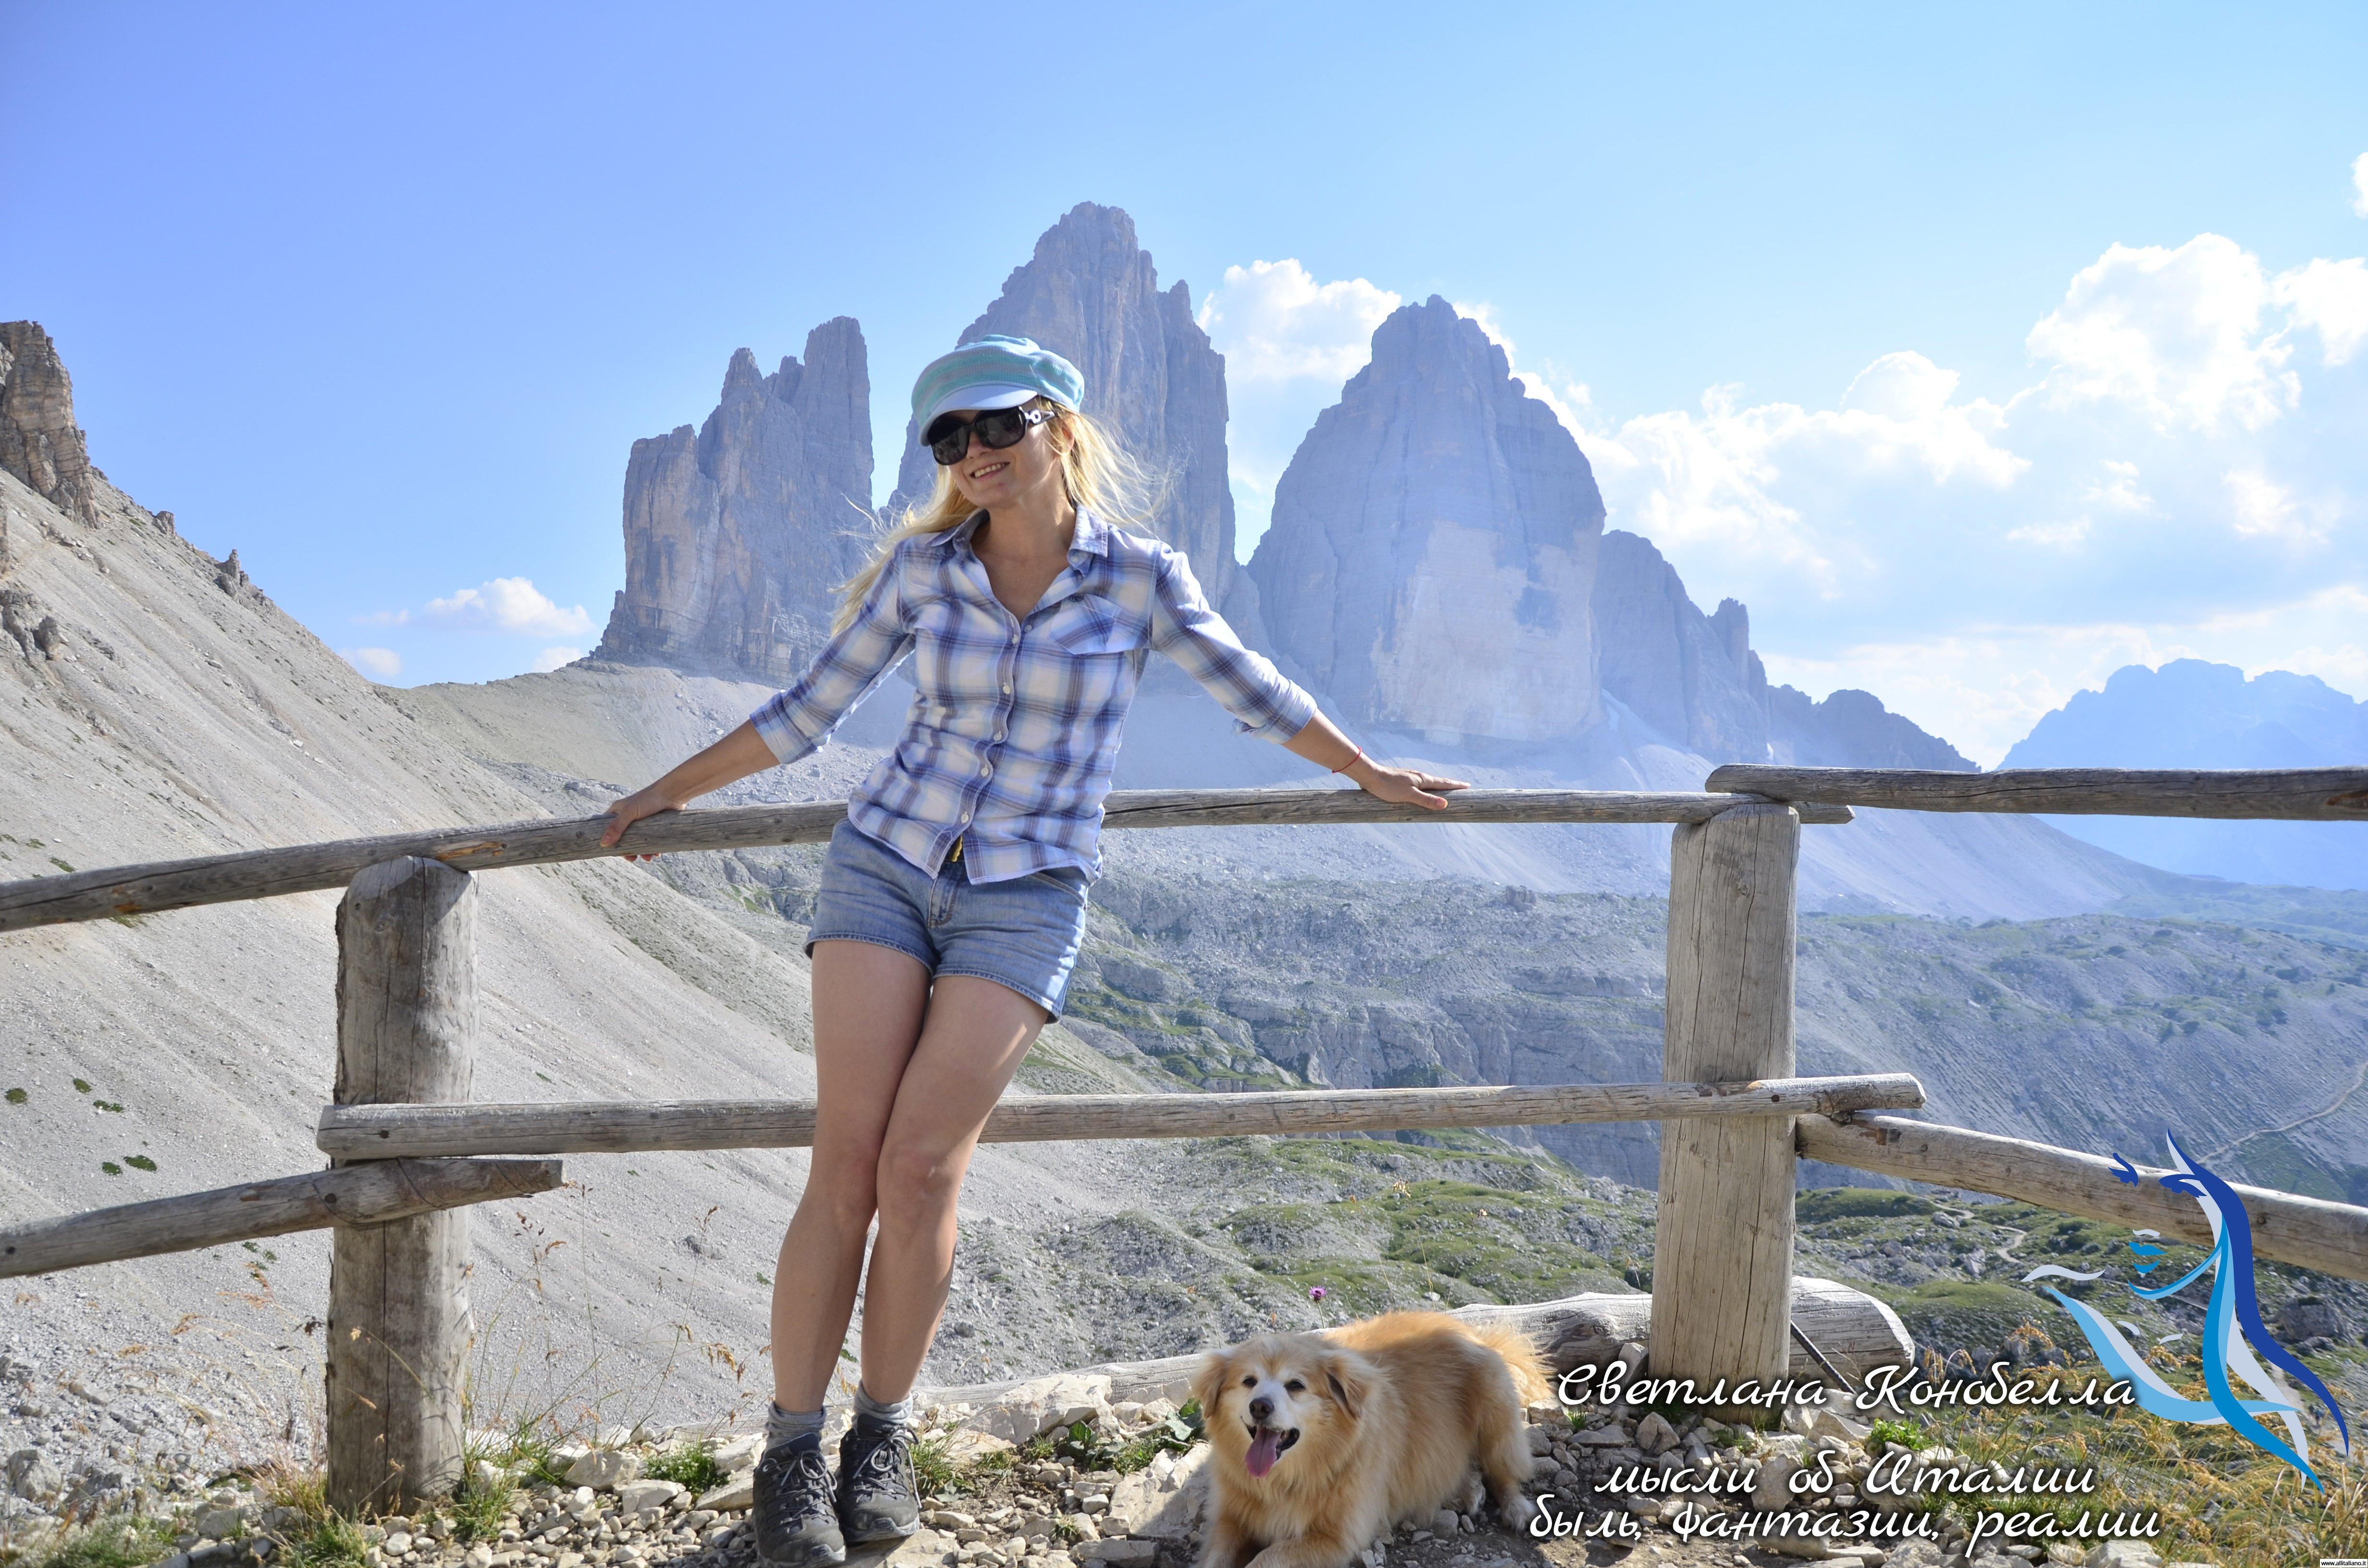 svetlana-konobella-italy-italia- gornye-puteshestvija-dolomitovye-alpy-trekking-hiking-juzhnyj-tirol-alto-adoge (3)